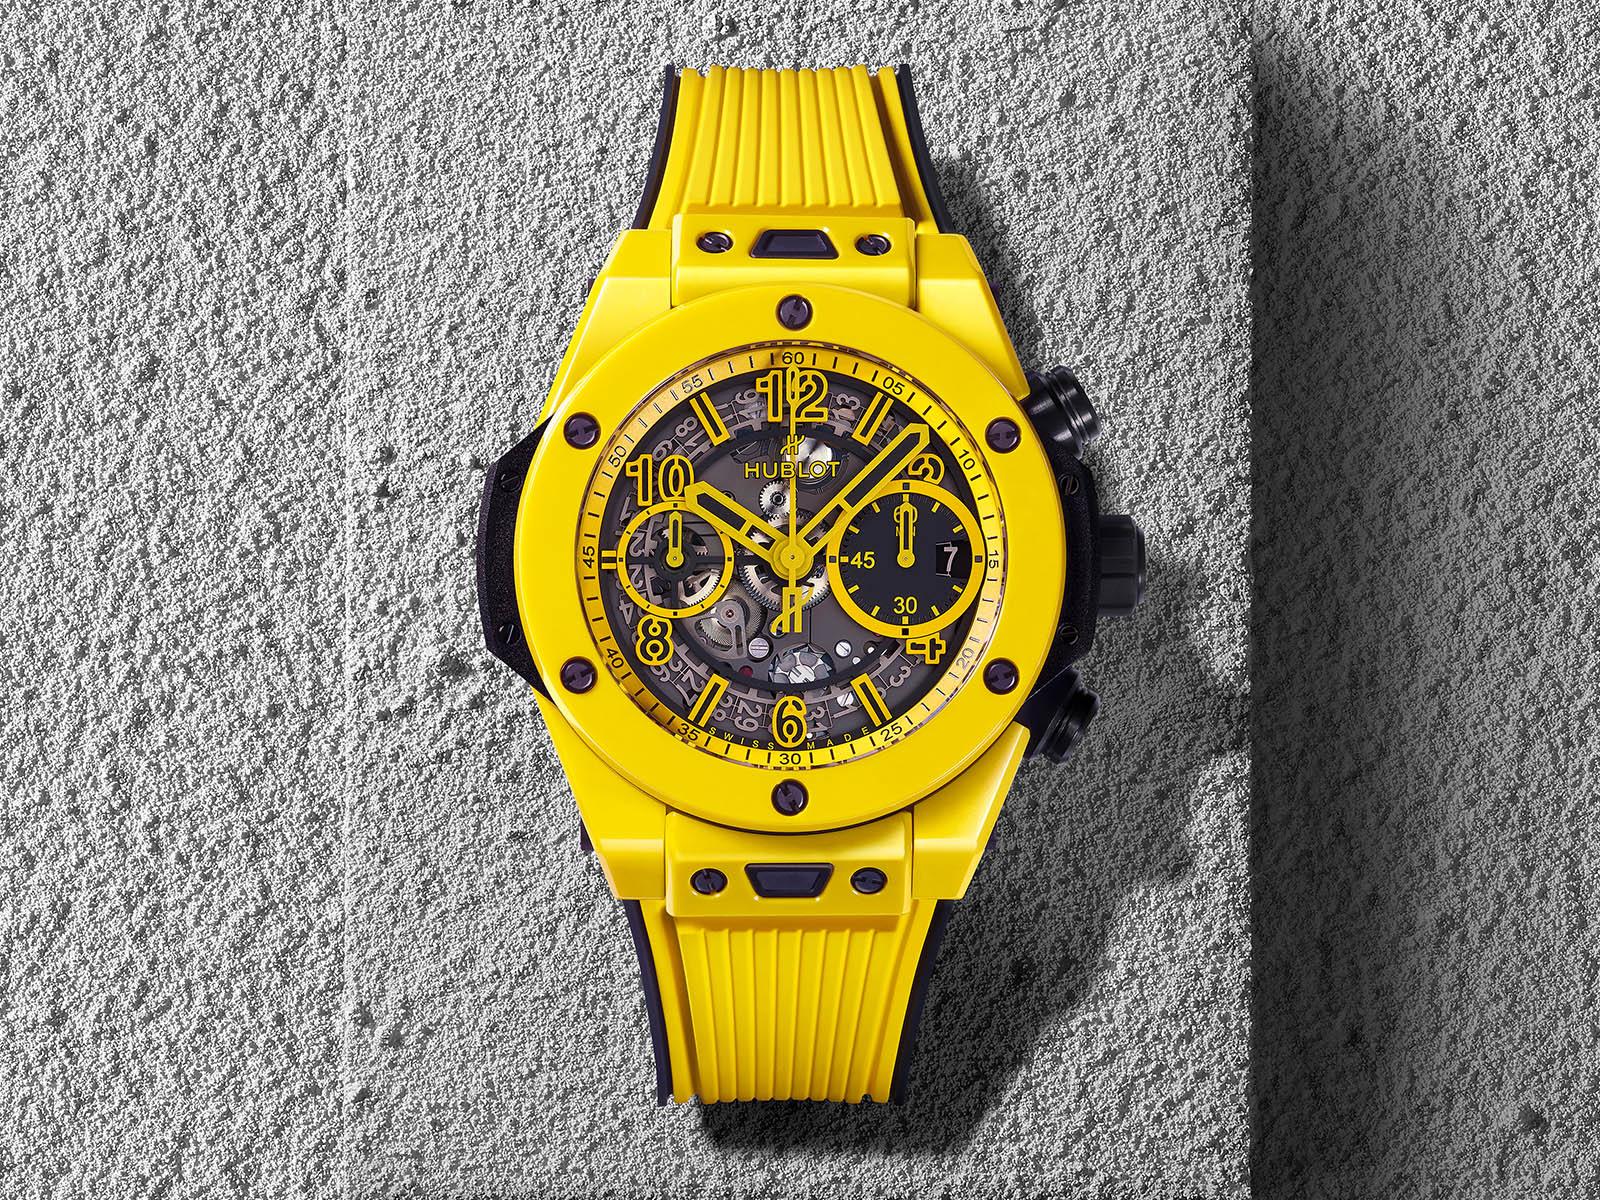 441-cy-471y-rx-hublot-big-bang-unico-yellow-magic-4.jpg